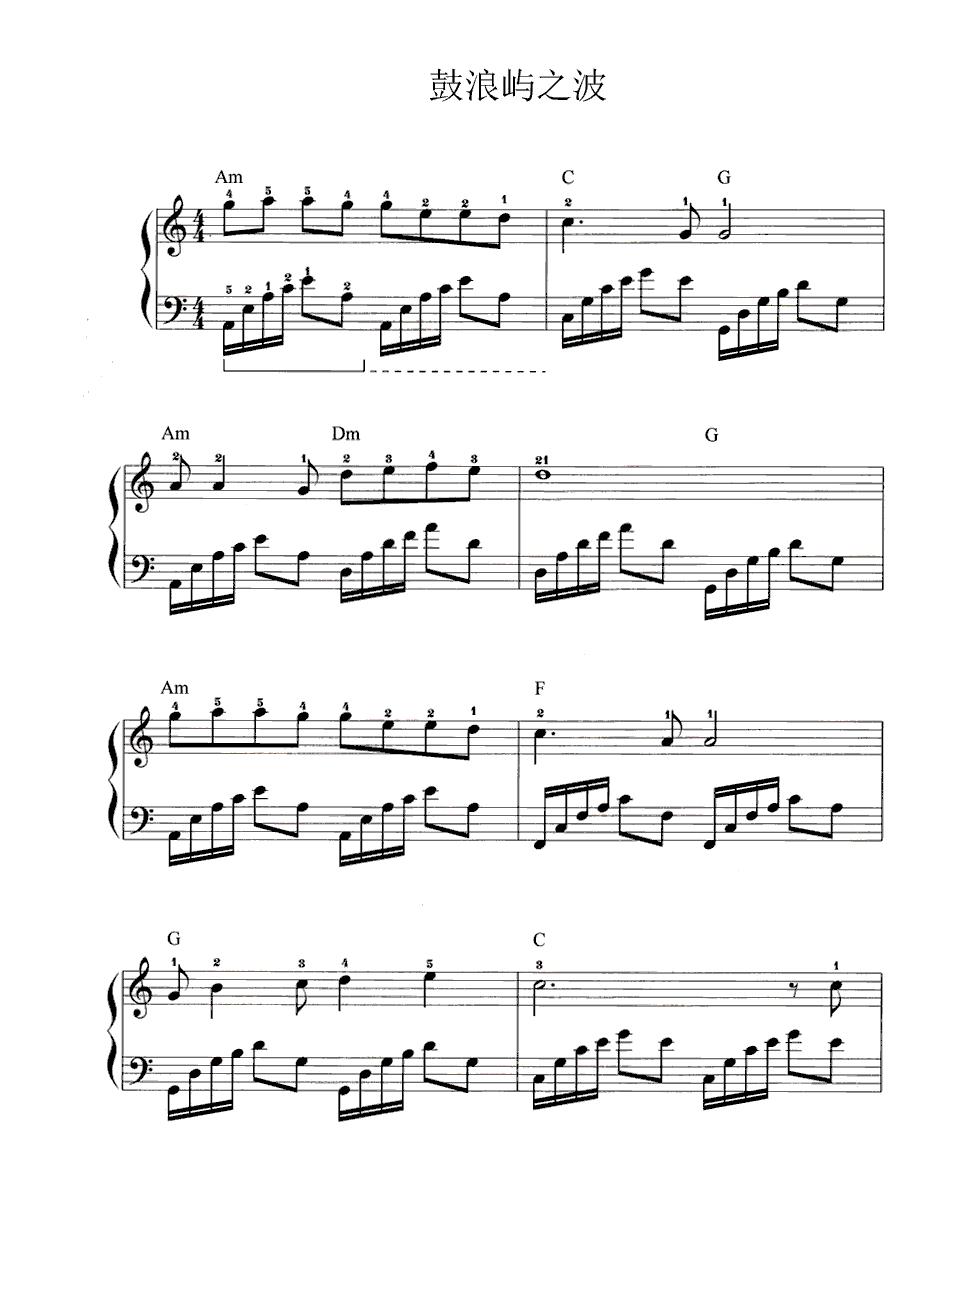 鼓浪屿之歌c调钢琴曲谱见下,请采纳.